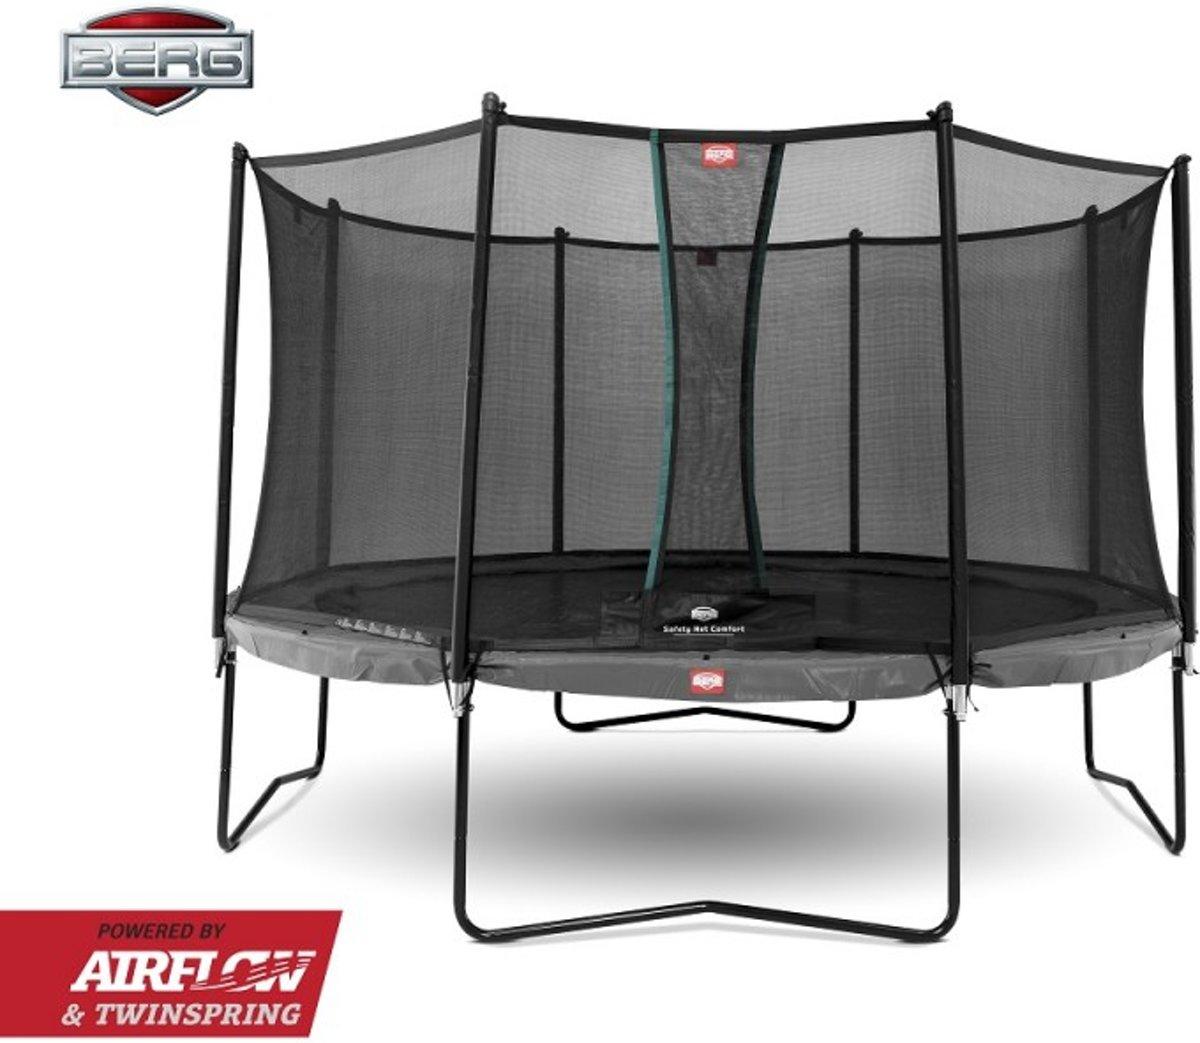 BERG Trampoline Champion grijs + Safetynet Comfort 330 cm - Model 2018 met Airflow